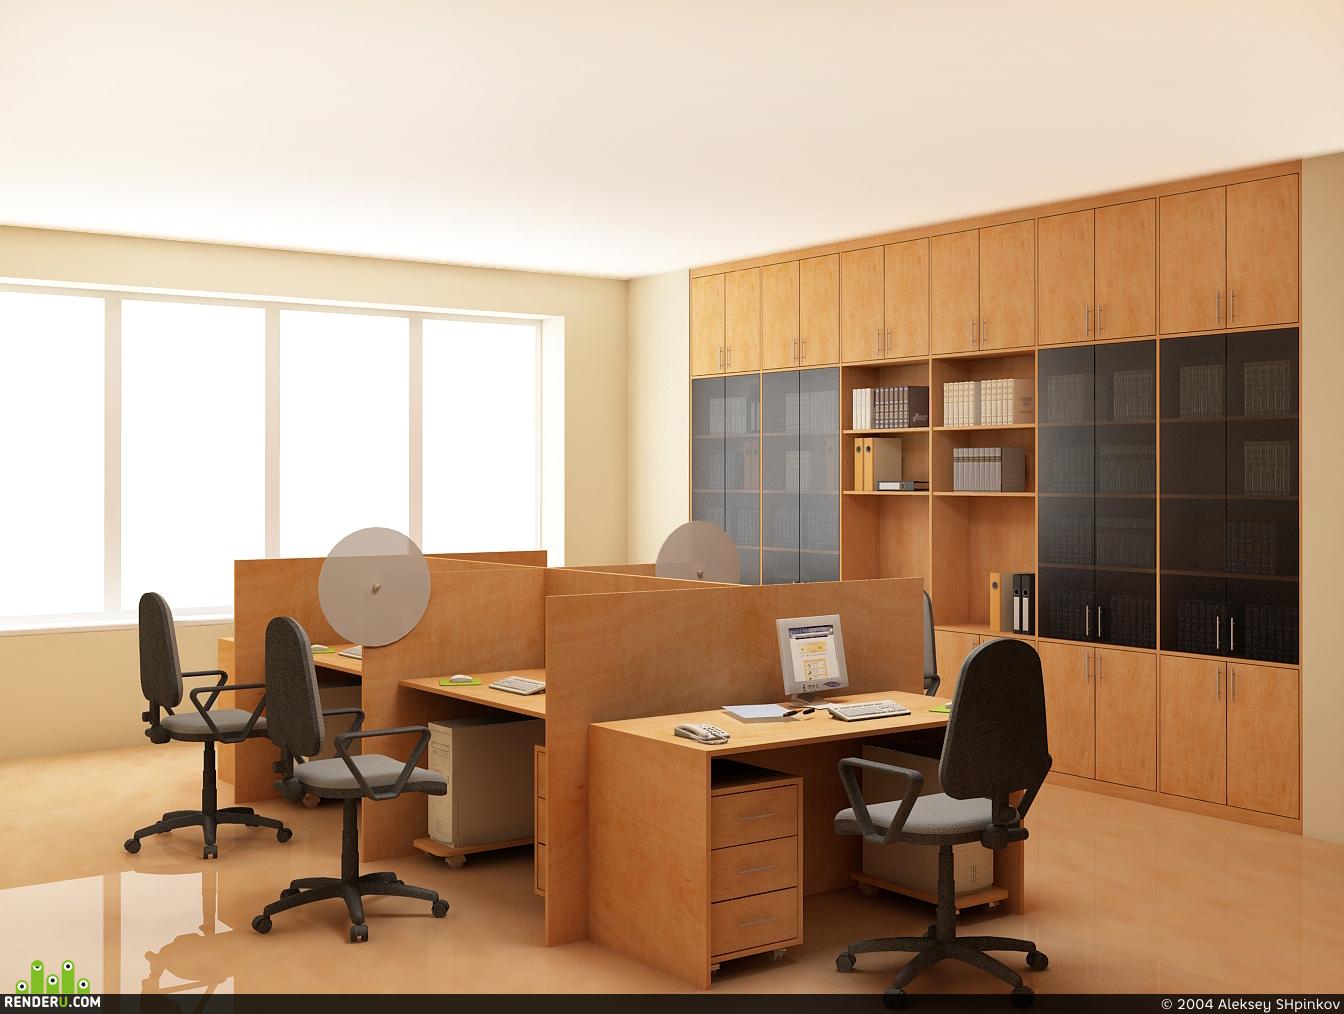 preview обычный рабочий офис